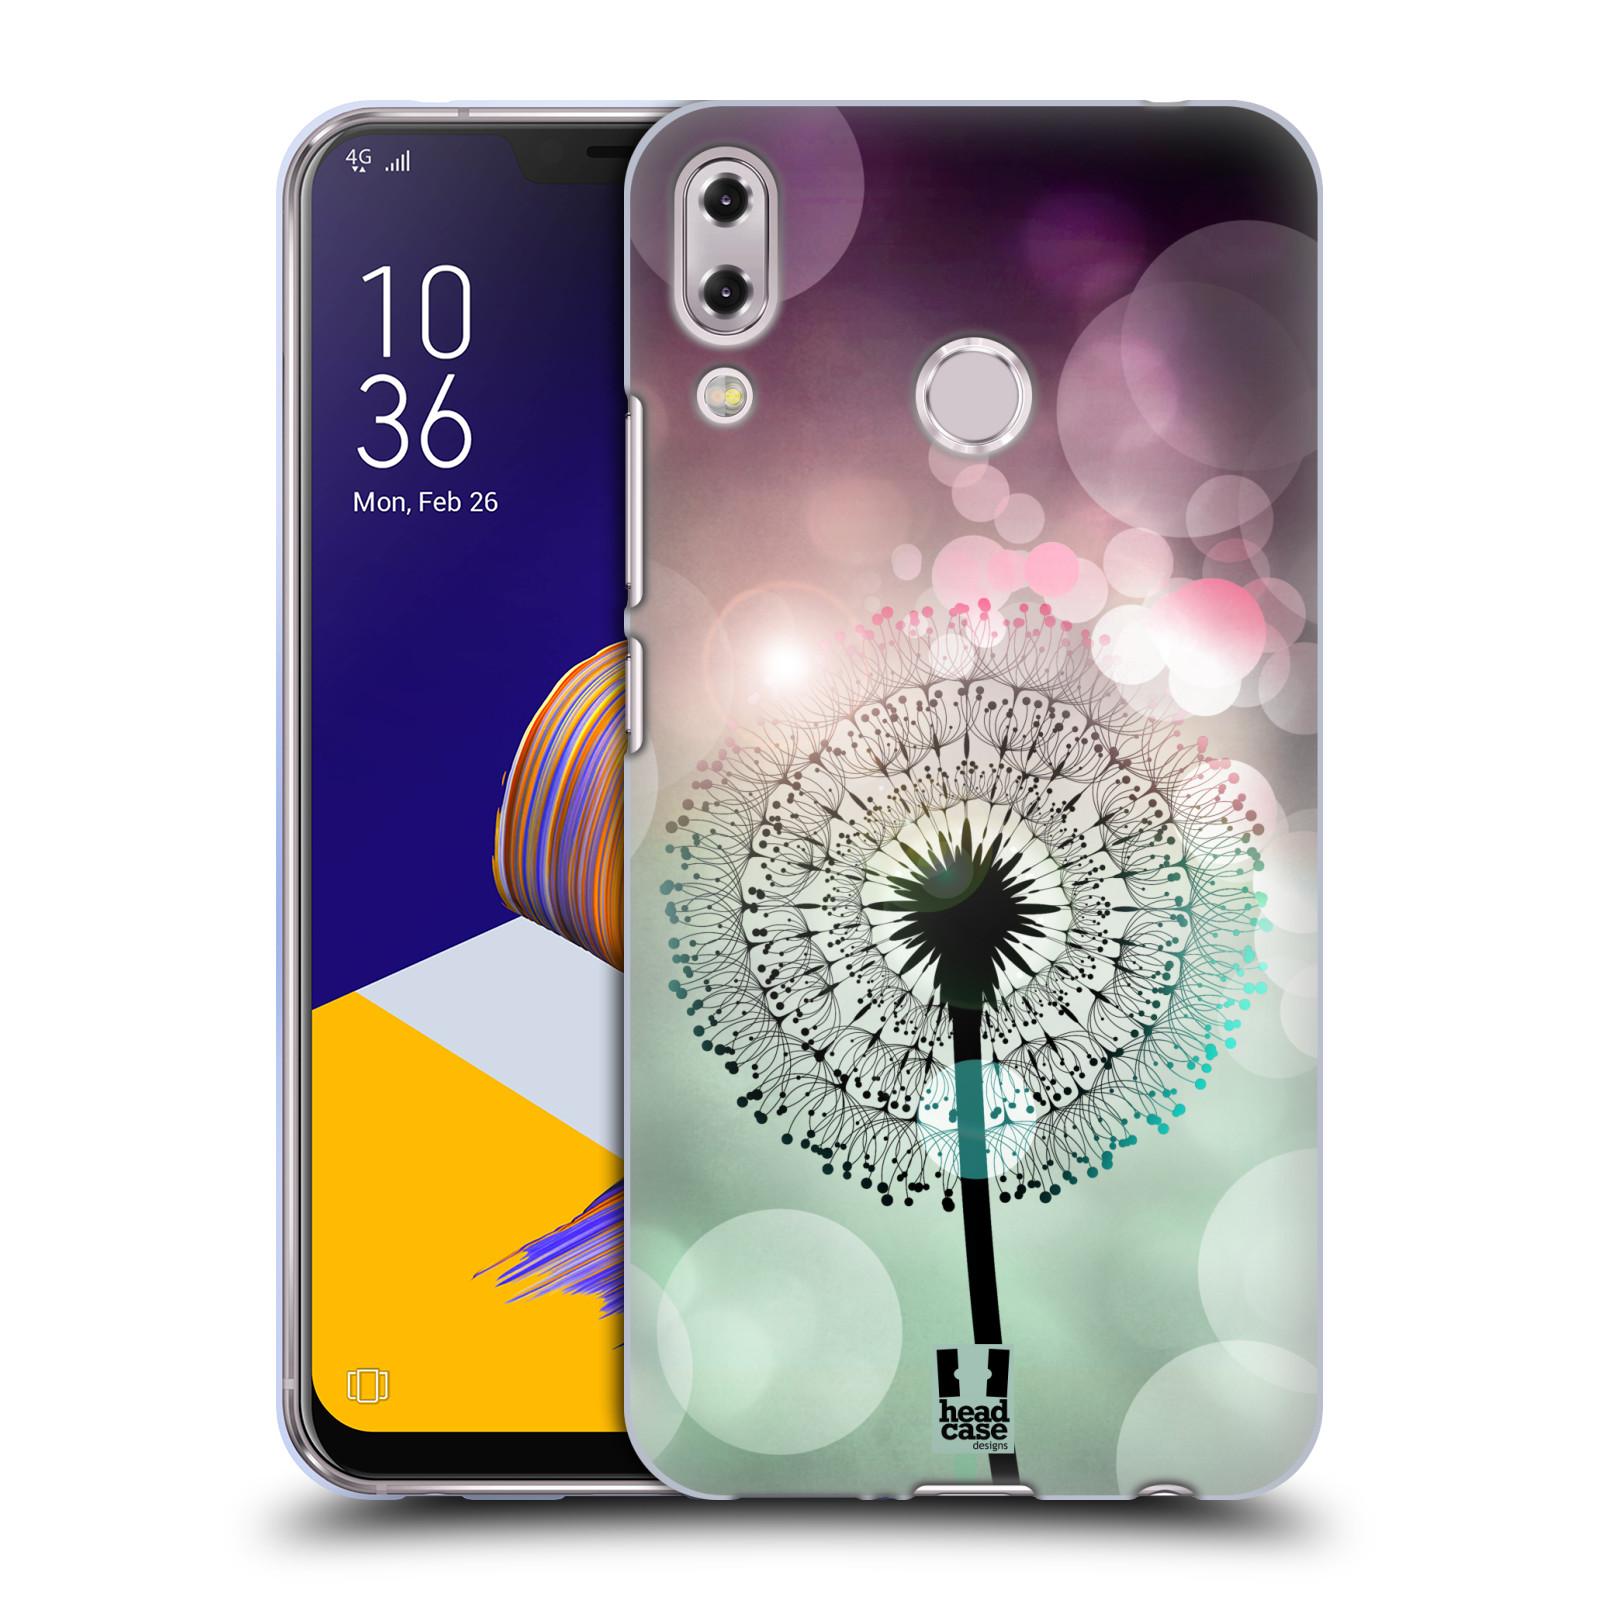 Silikonové pouzdro na mobil Asus Zenfone 5z ZS620KL - Head Case - Pampeliškové odlesky